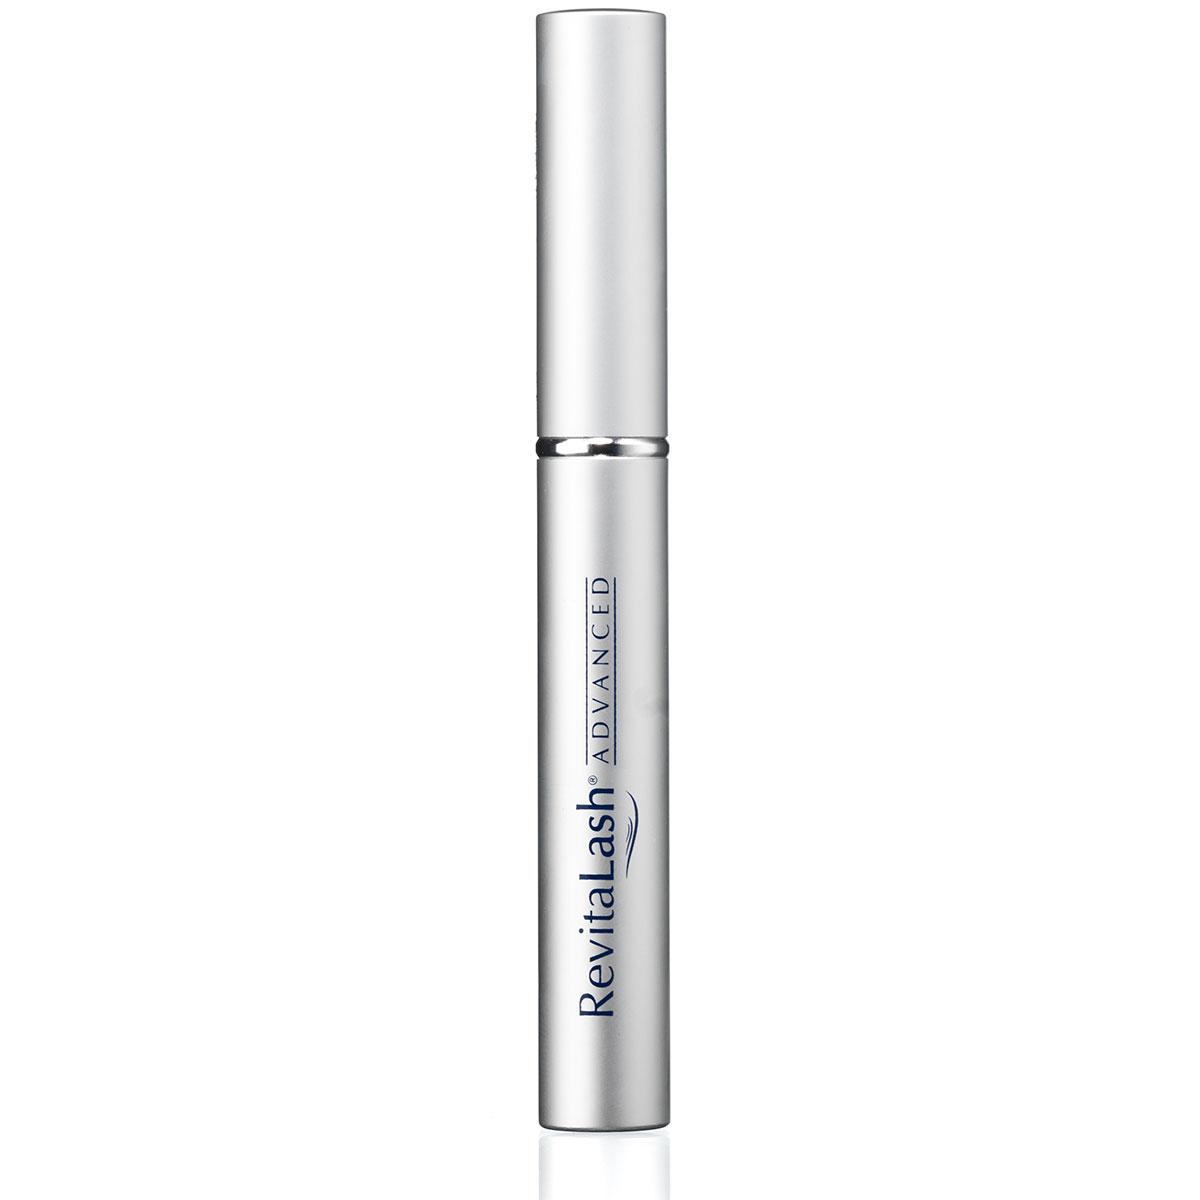 Billede af Revitalash Advanced Eyelash Conditioner - 3,5 ml